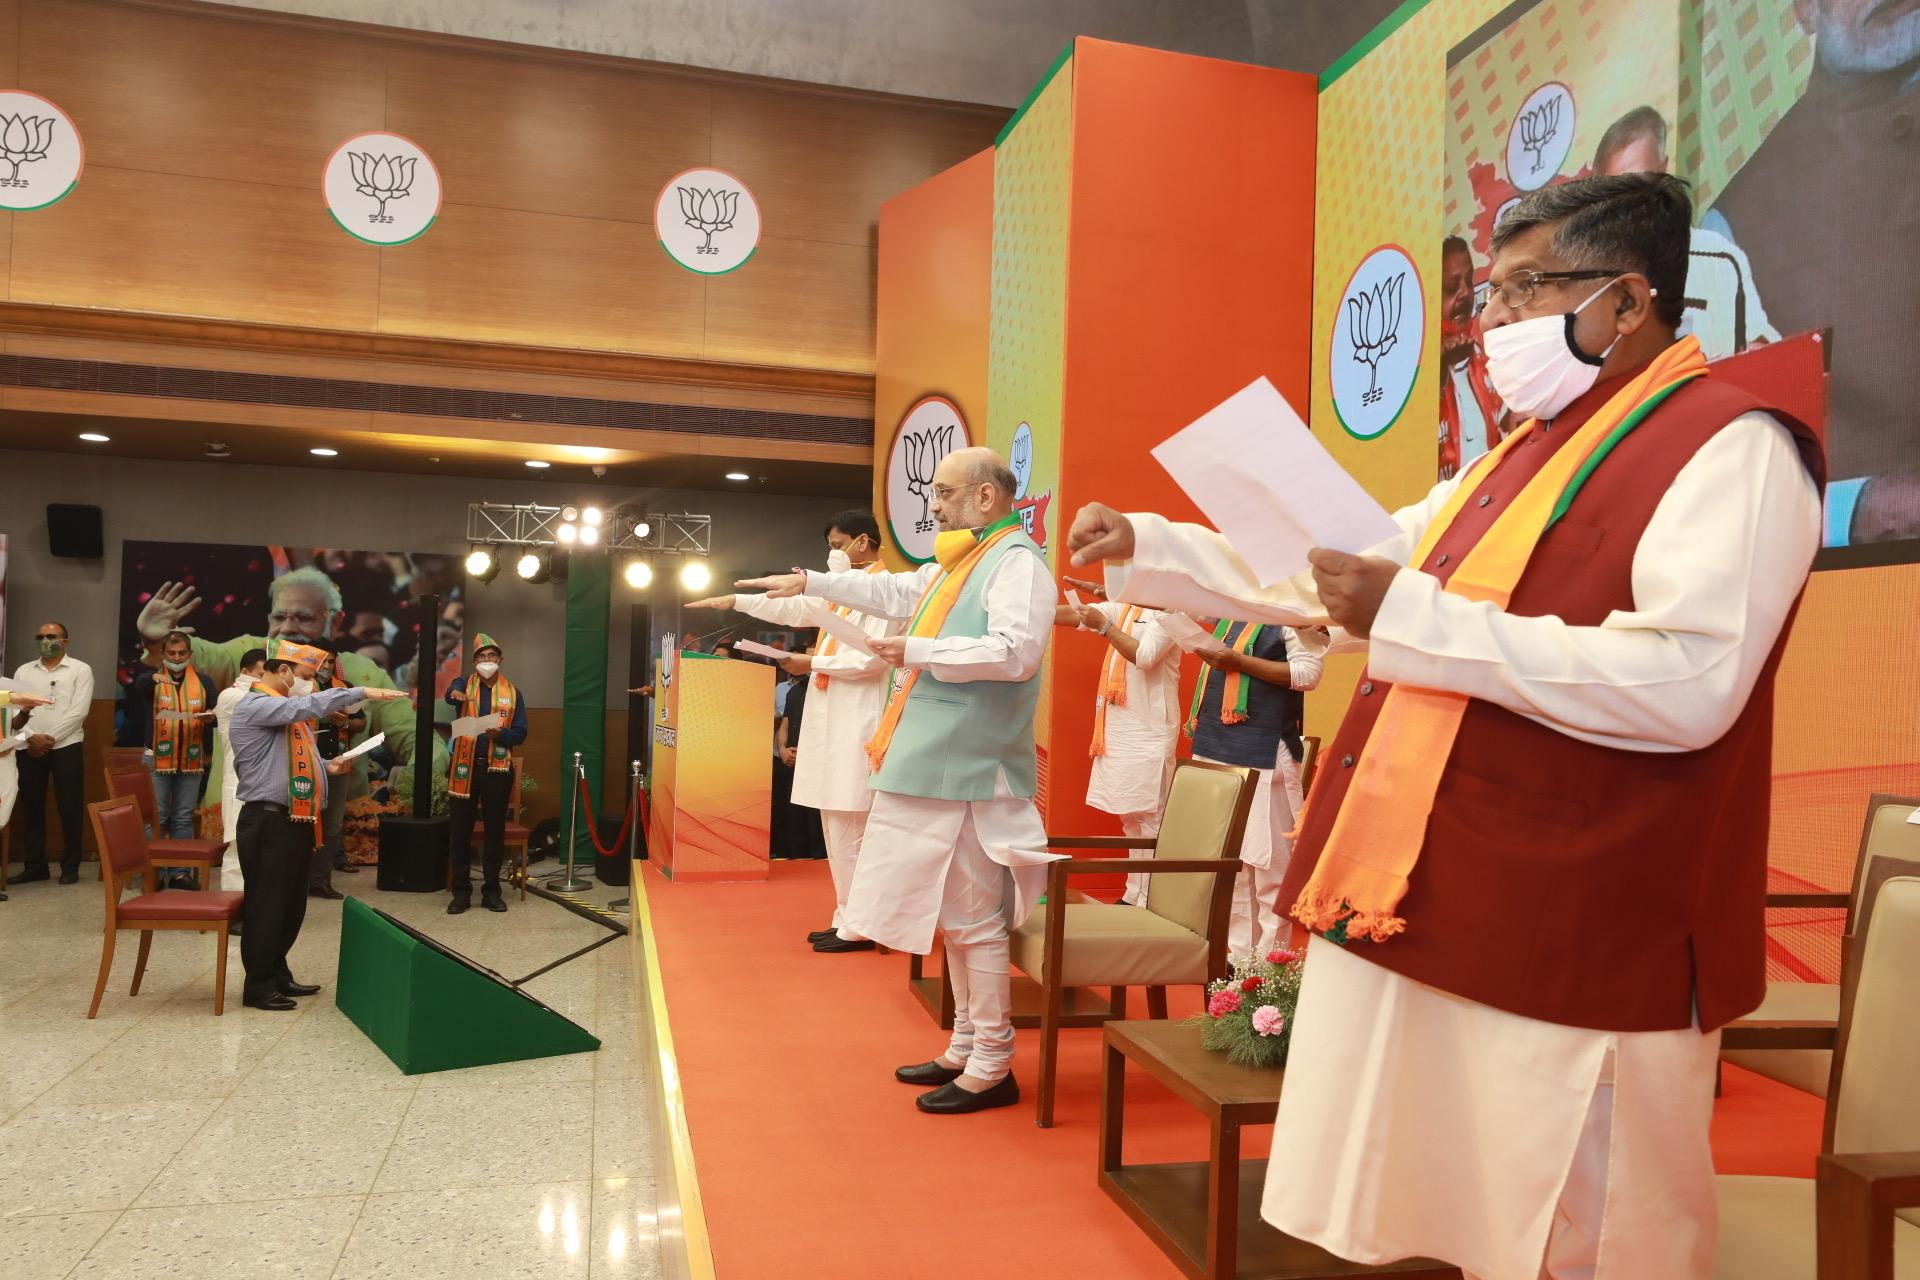 'बिहार जन-संवाद' में अमित शाह ने 1.25 लाख करोड़ रुपये बिहार पैकेज का दिया हिसाब